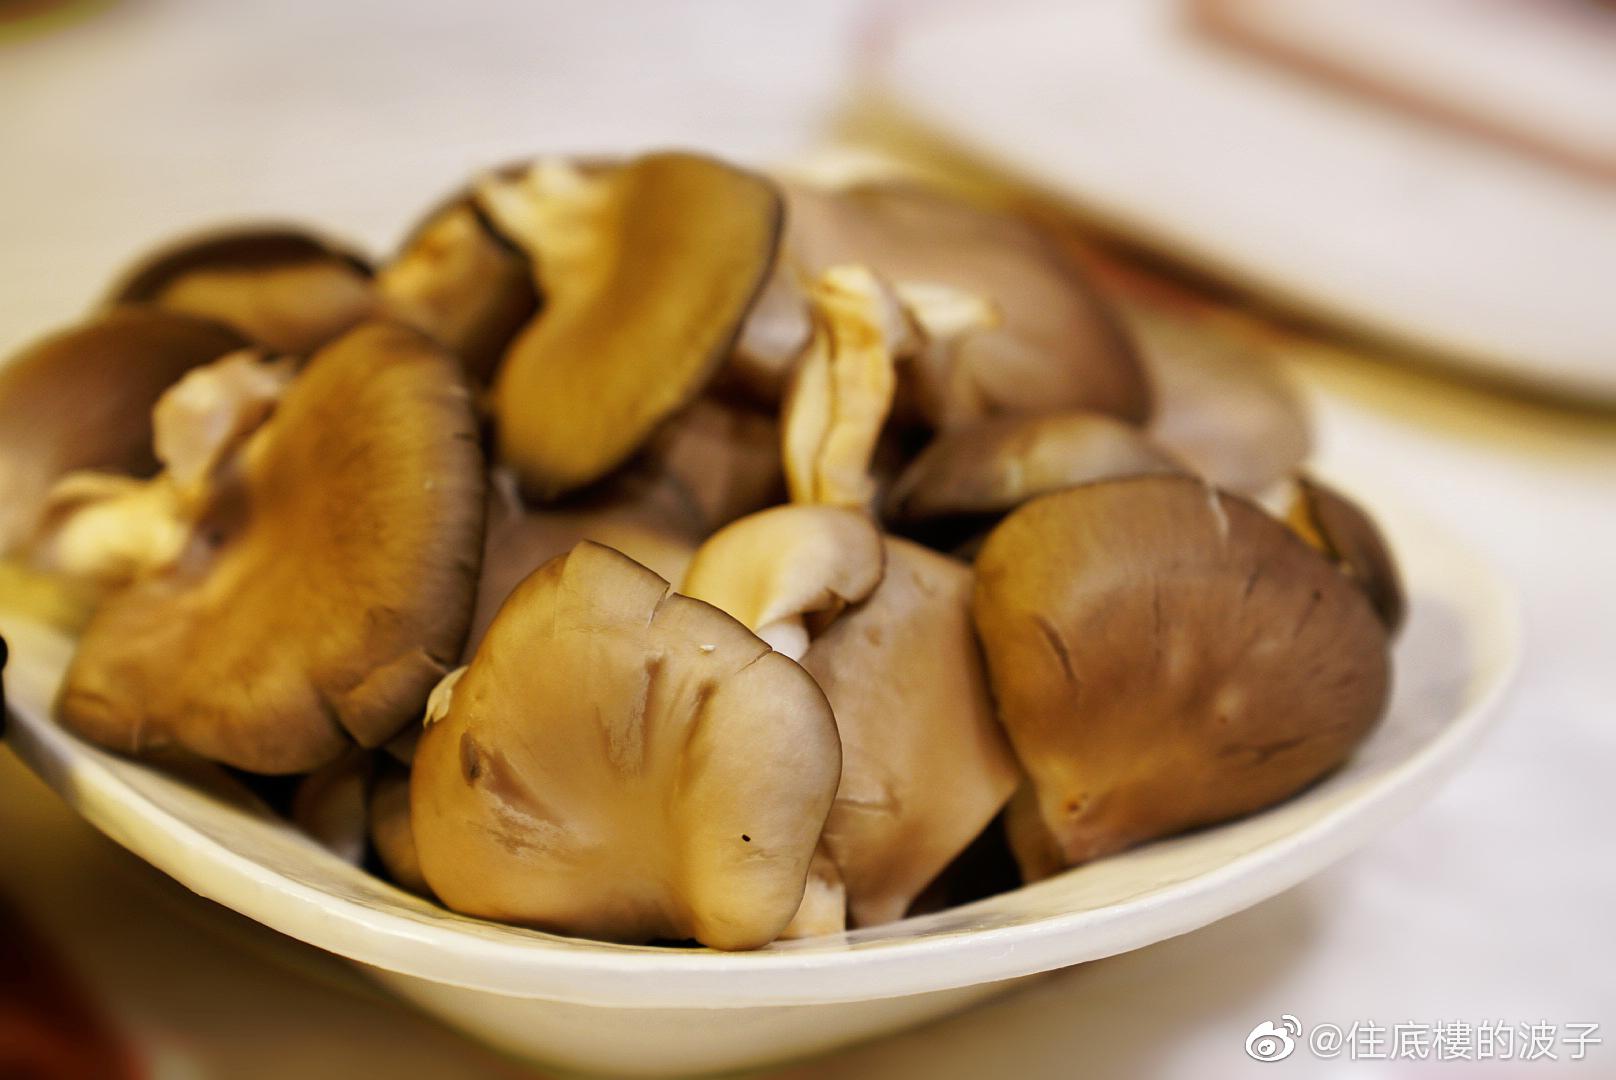 大冷夜,在家燙肉涮菇。熱氣氤氲之間,每個人埋頭吃東西的樣子